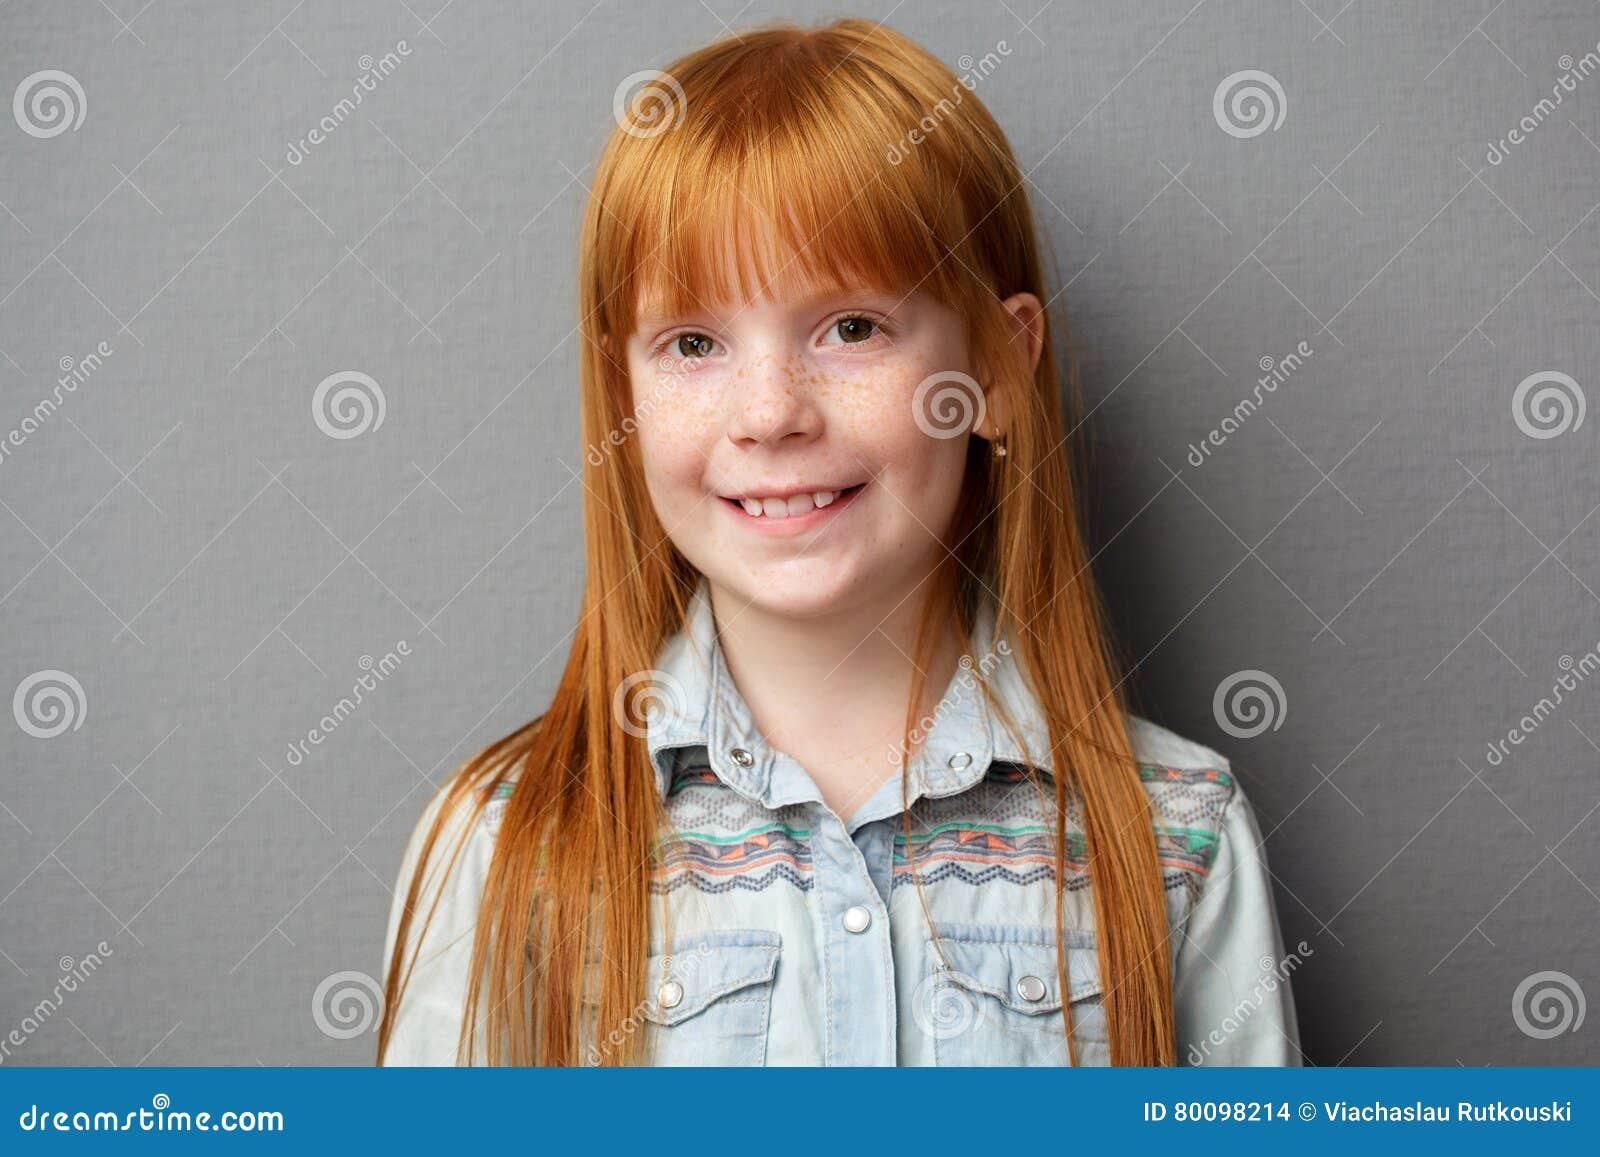 Quicklist 27 hot teen girl